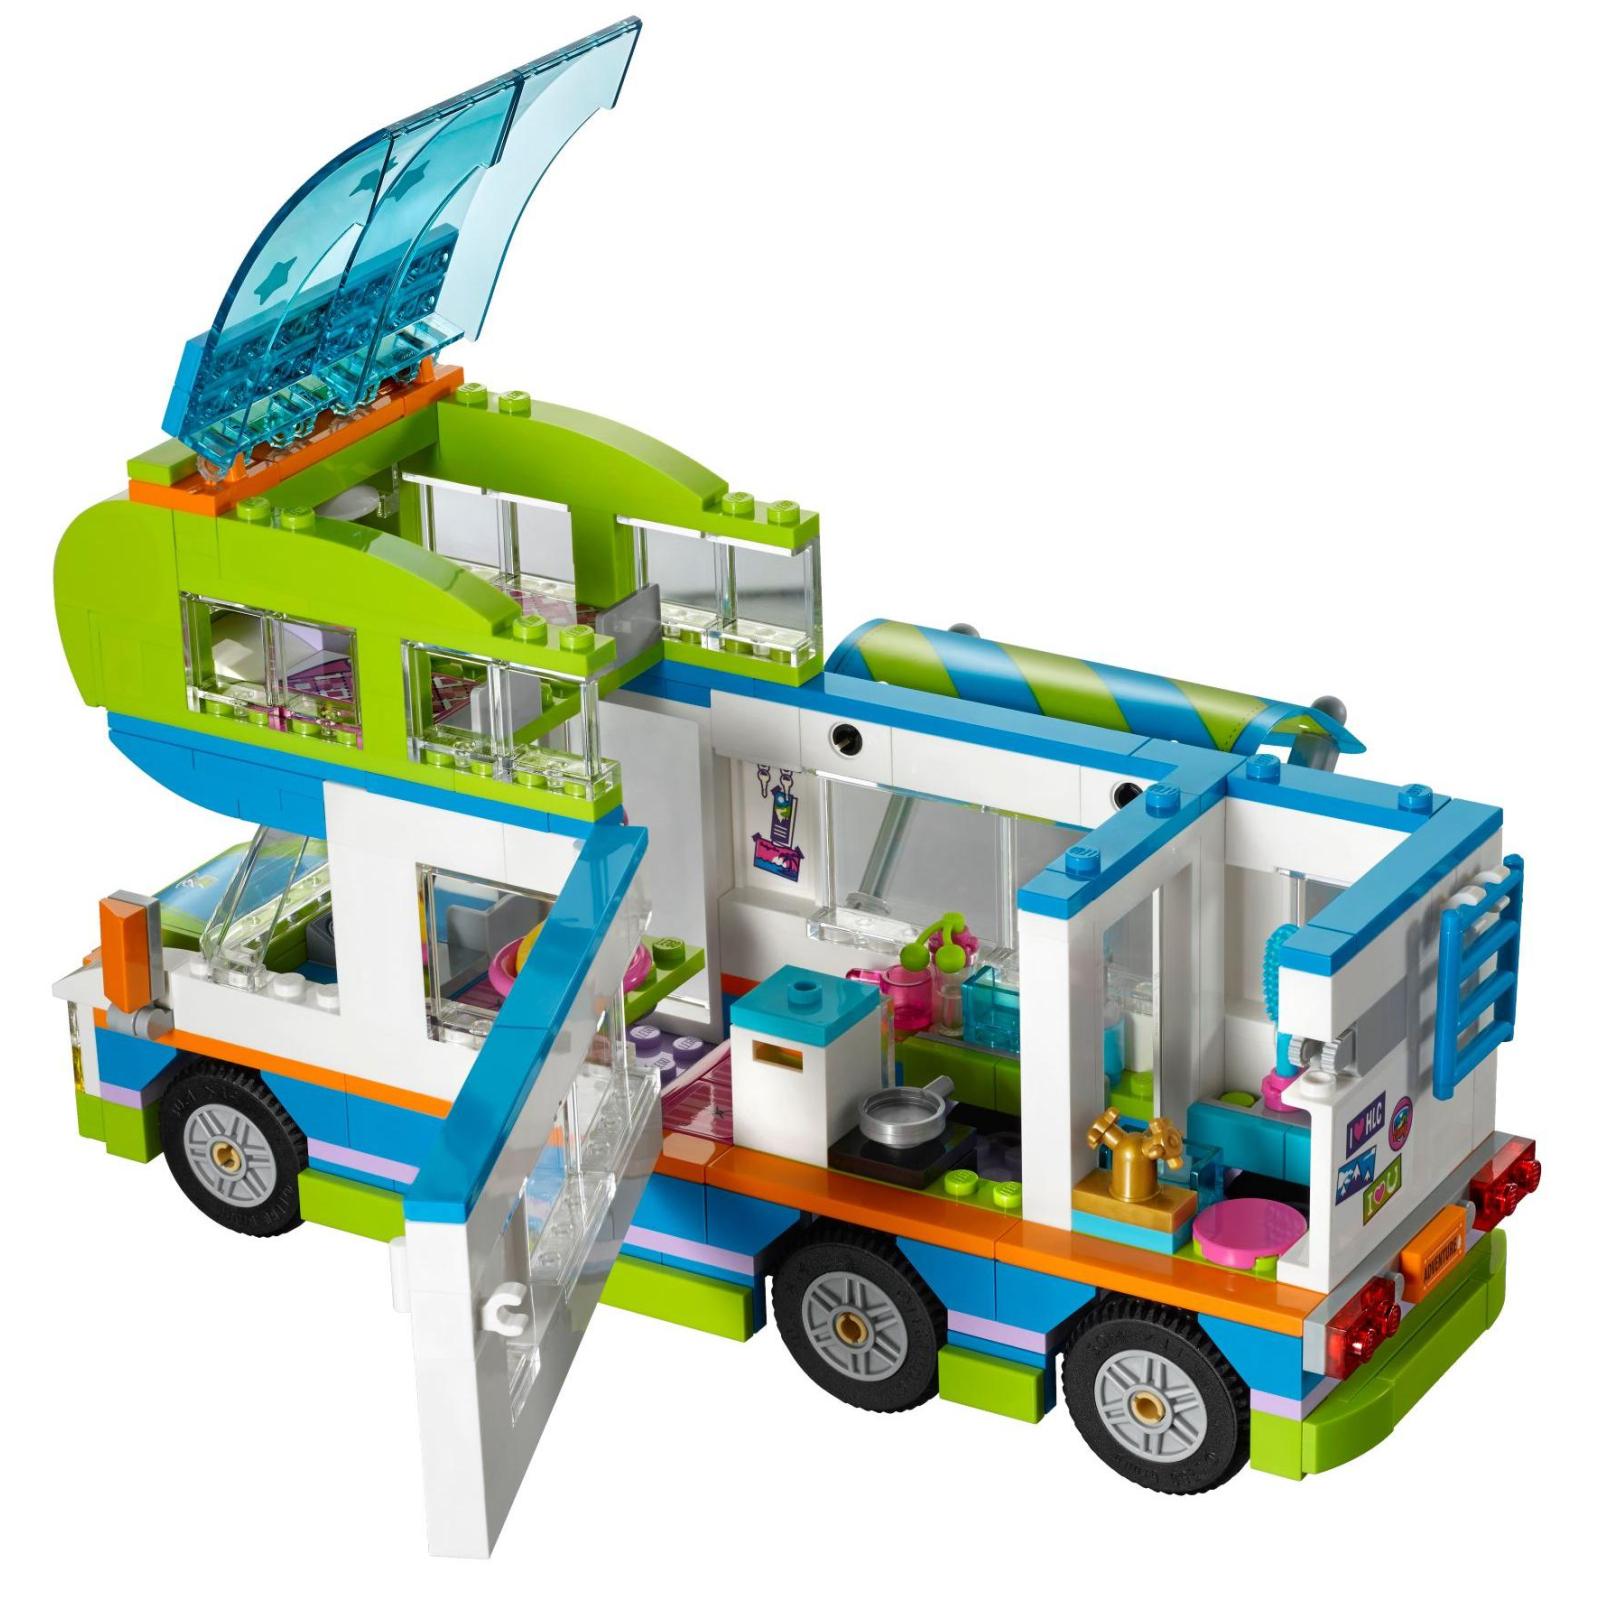 Конструктор LEGO Friends Дом на колесах Мии (41339) изображение 4